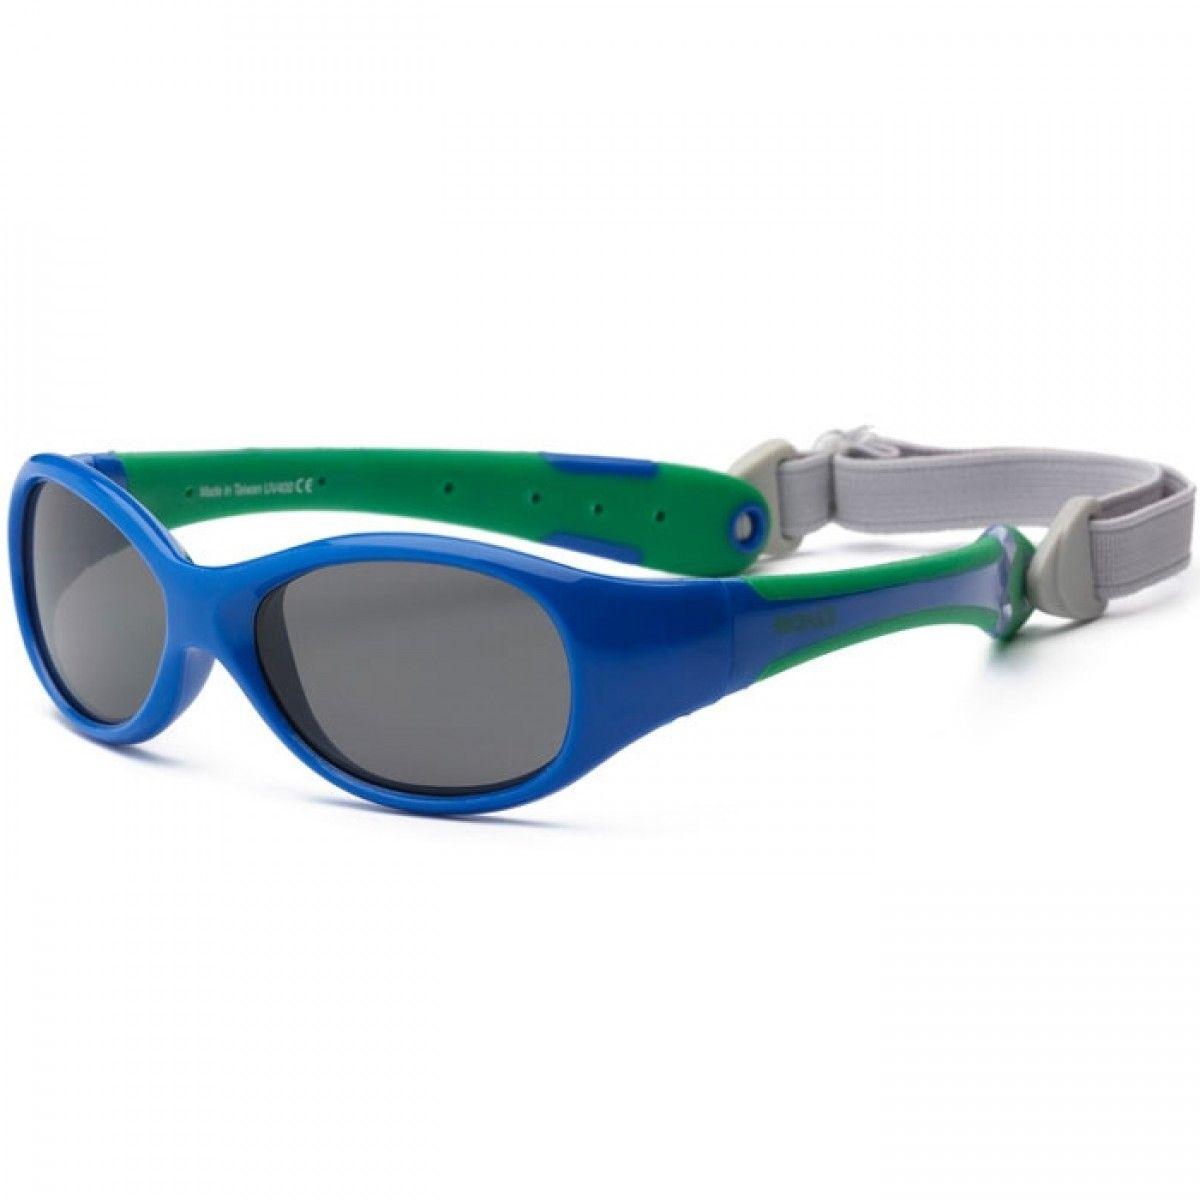 Solbriller fra real shades - explorer - blå fra Real kids shades fra babygear.dk